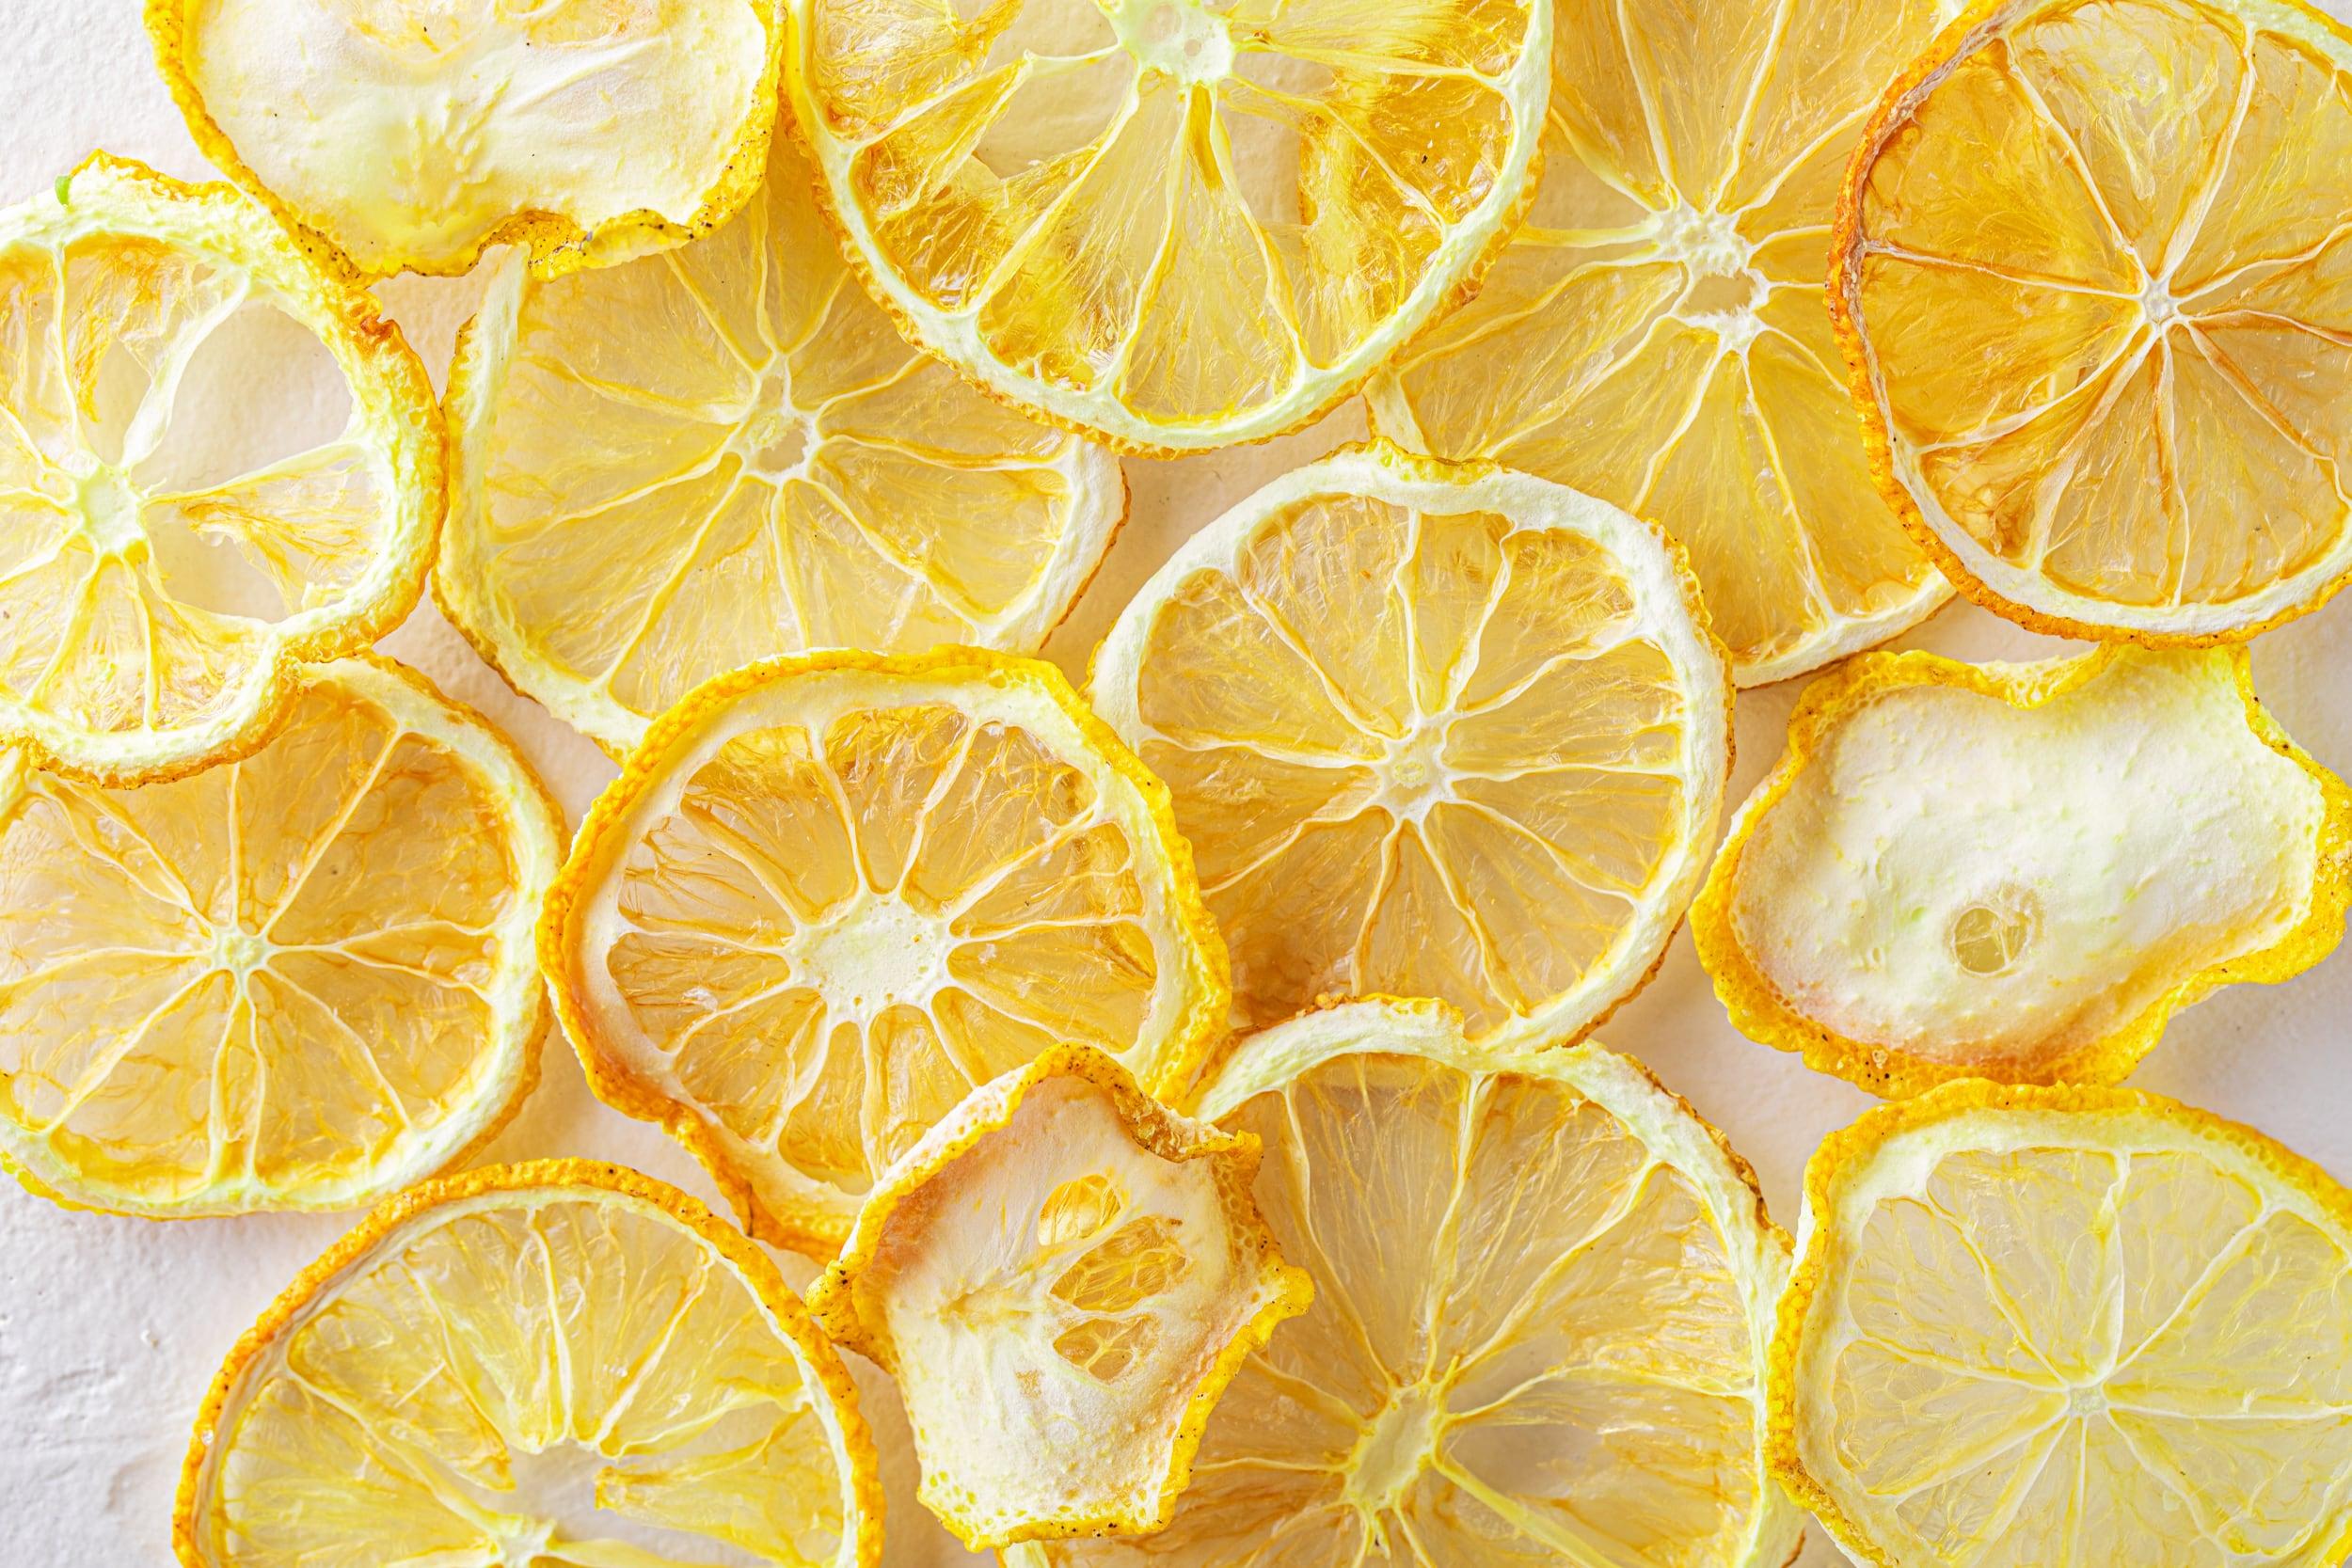 次回1月3日販売予定・オーシャンレモンドライ(無糖・40度乾燥)